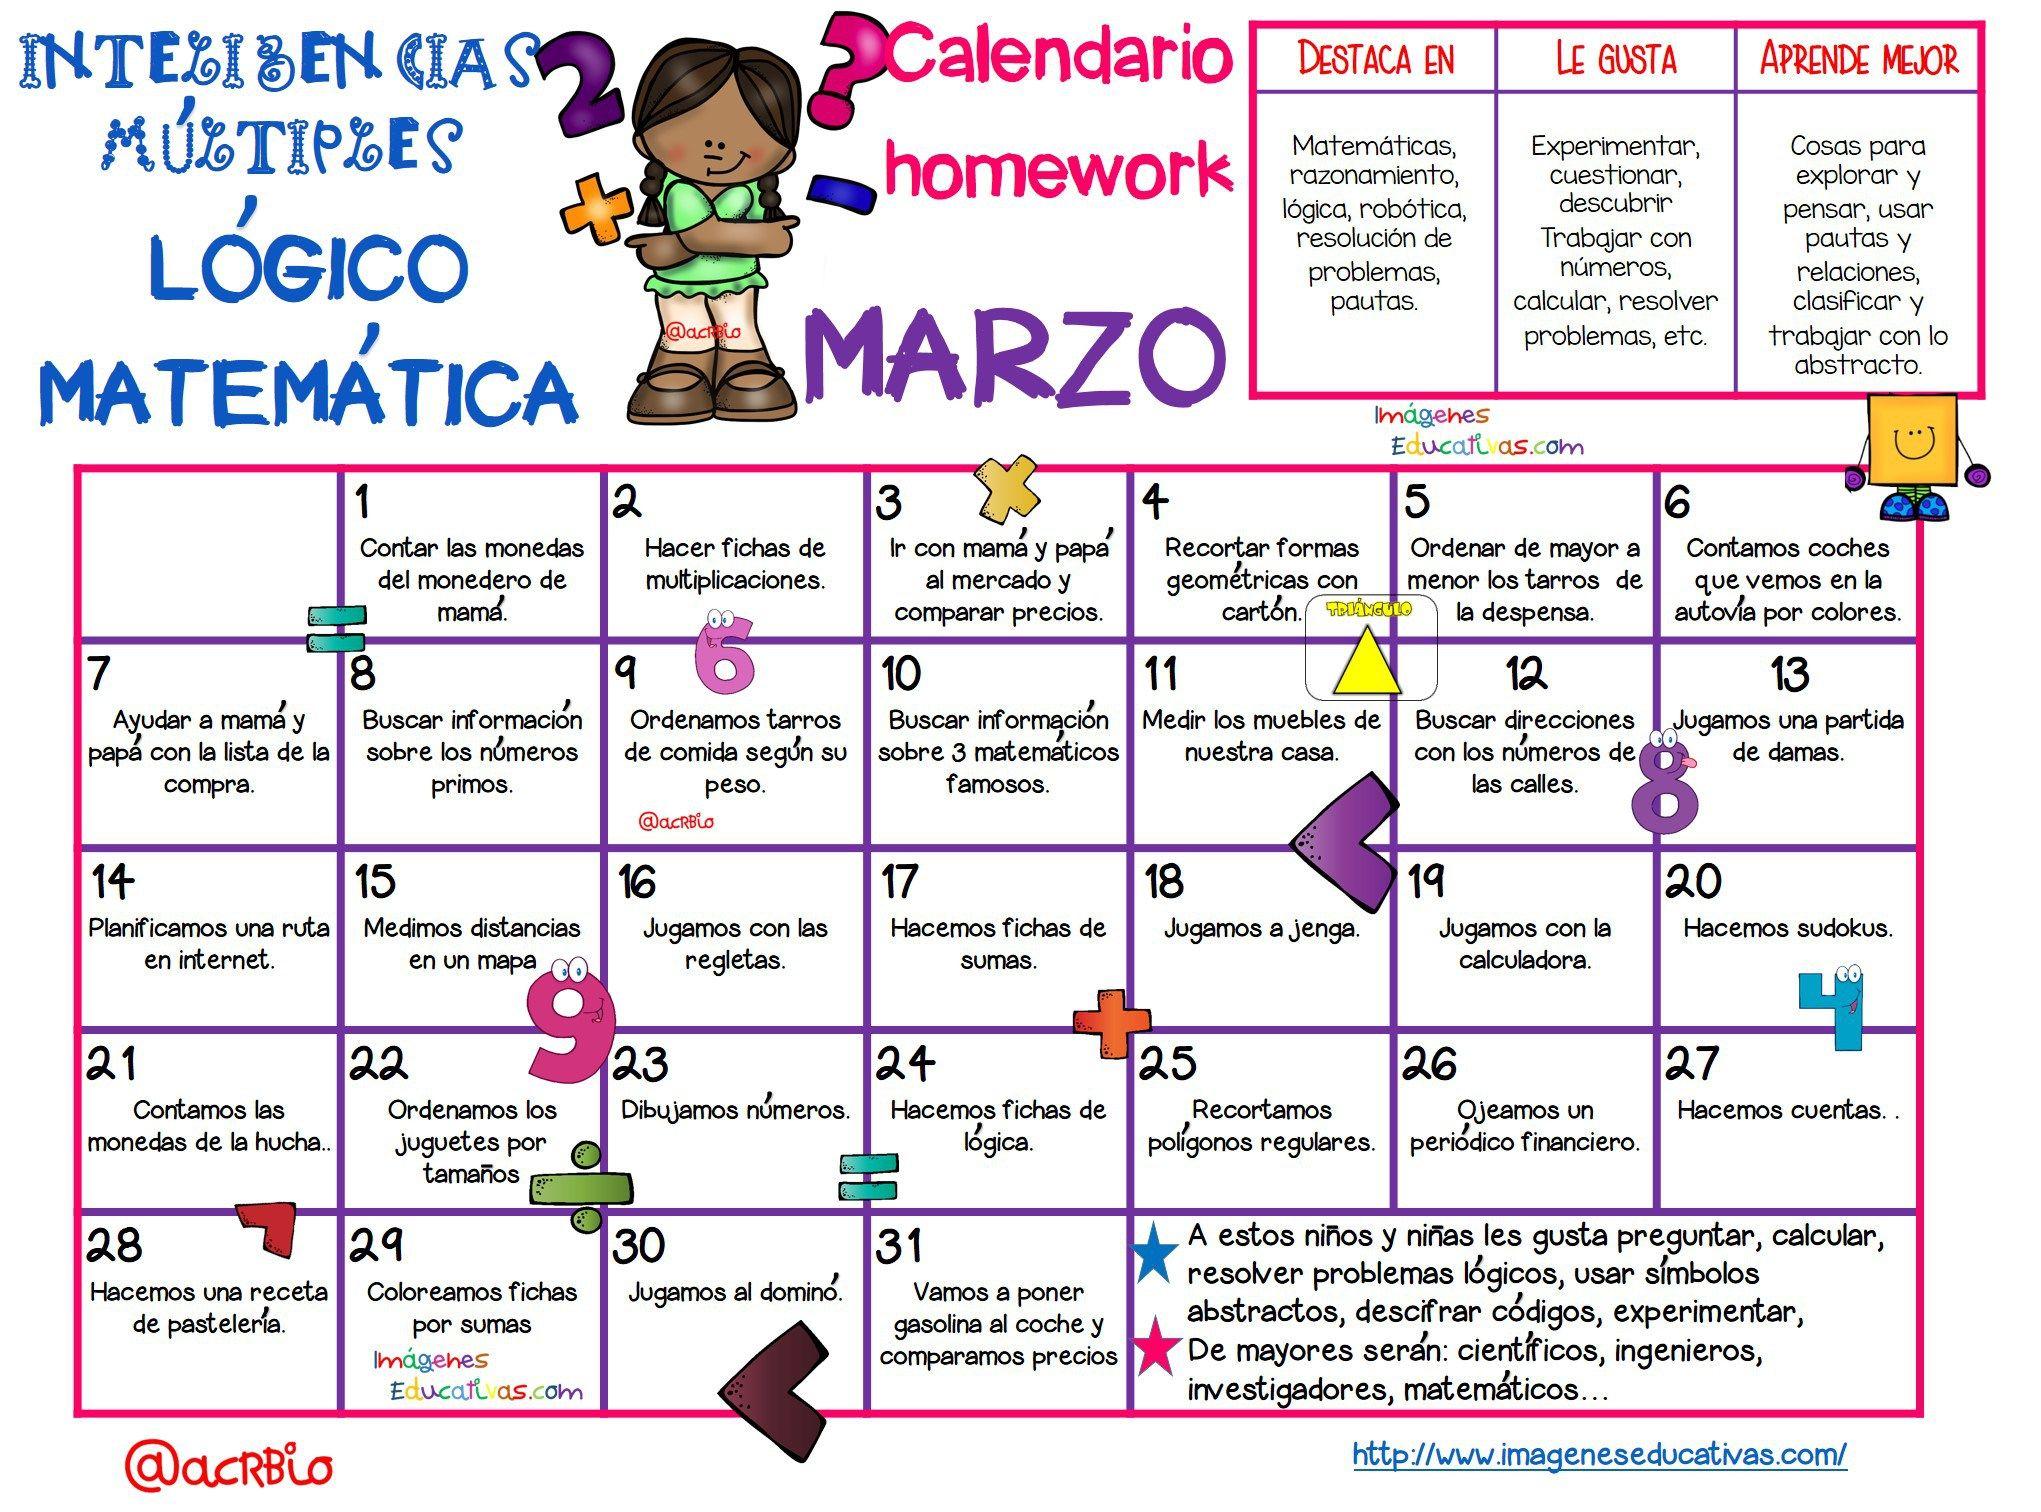 Pin De Cinthia Bautista En Calendario Imagenes Educativas